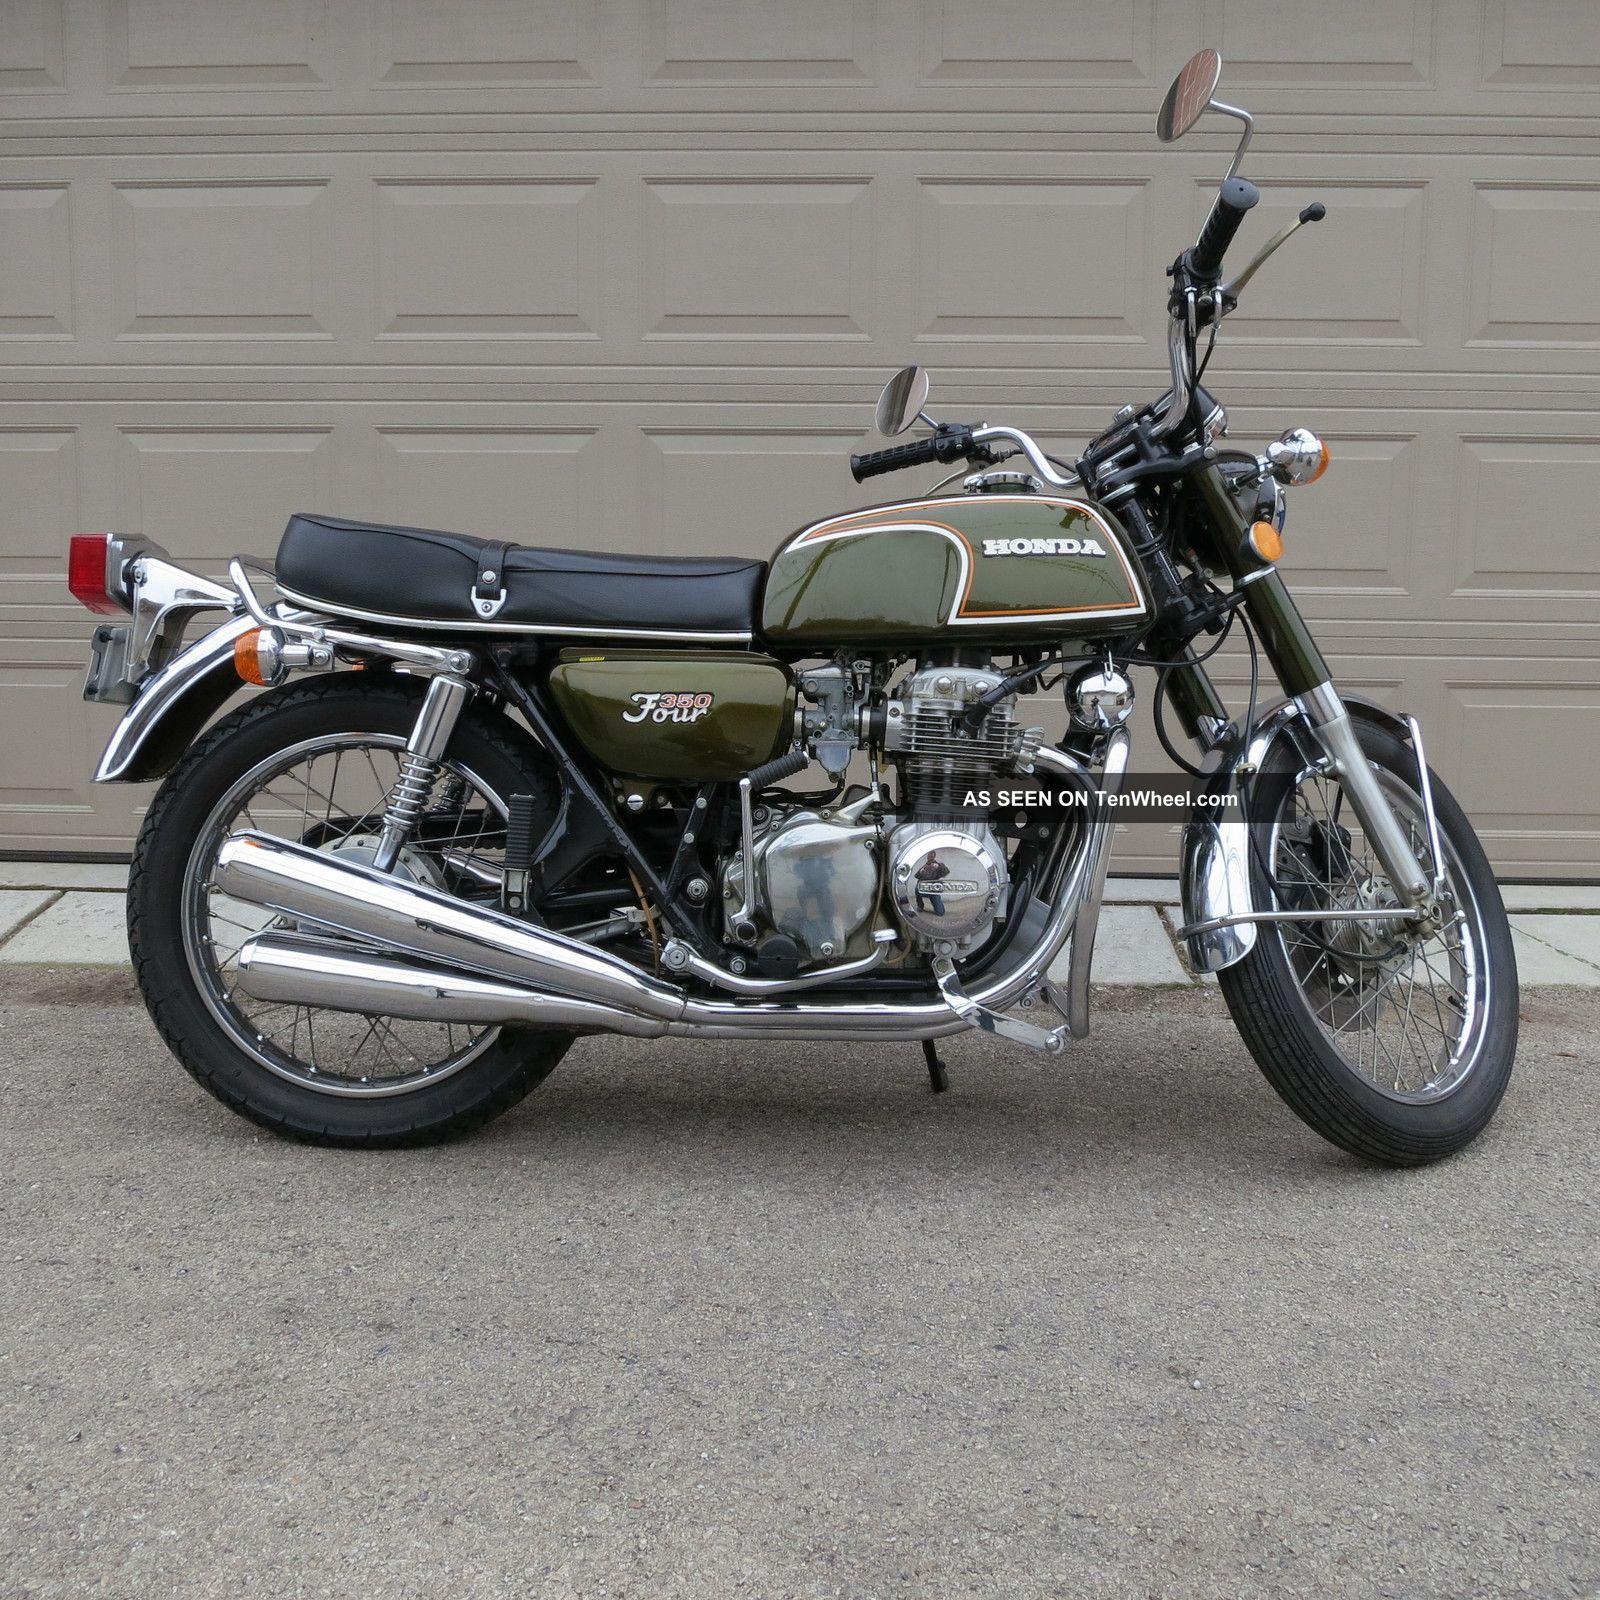 1973 Honda 350 Four 350cc Four Cylinder Rare CB photo